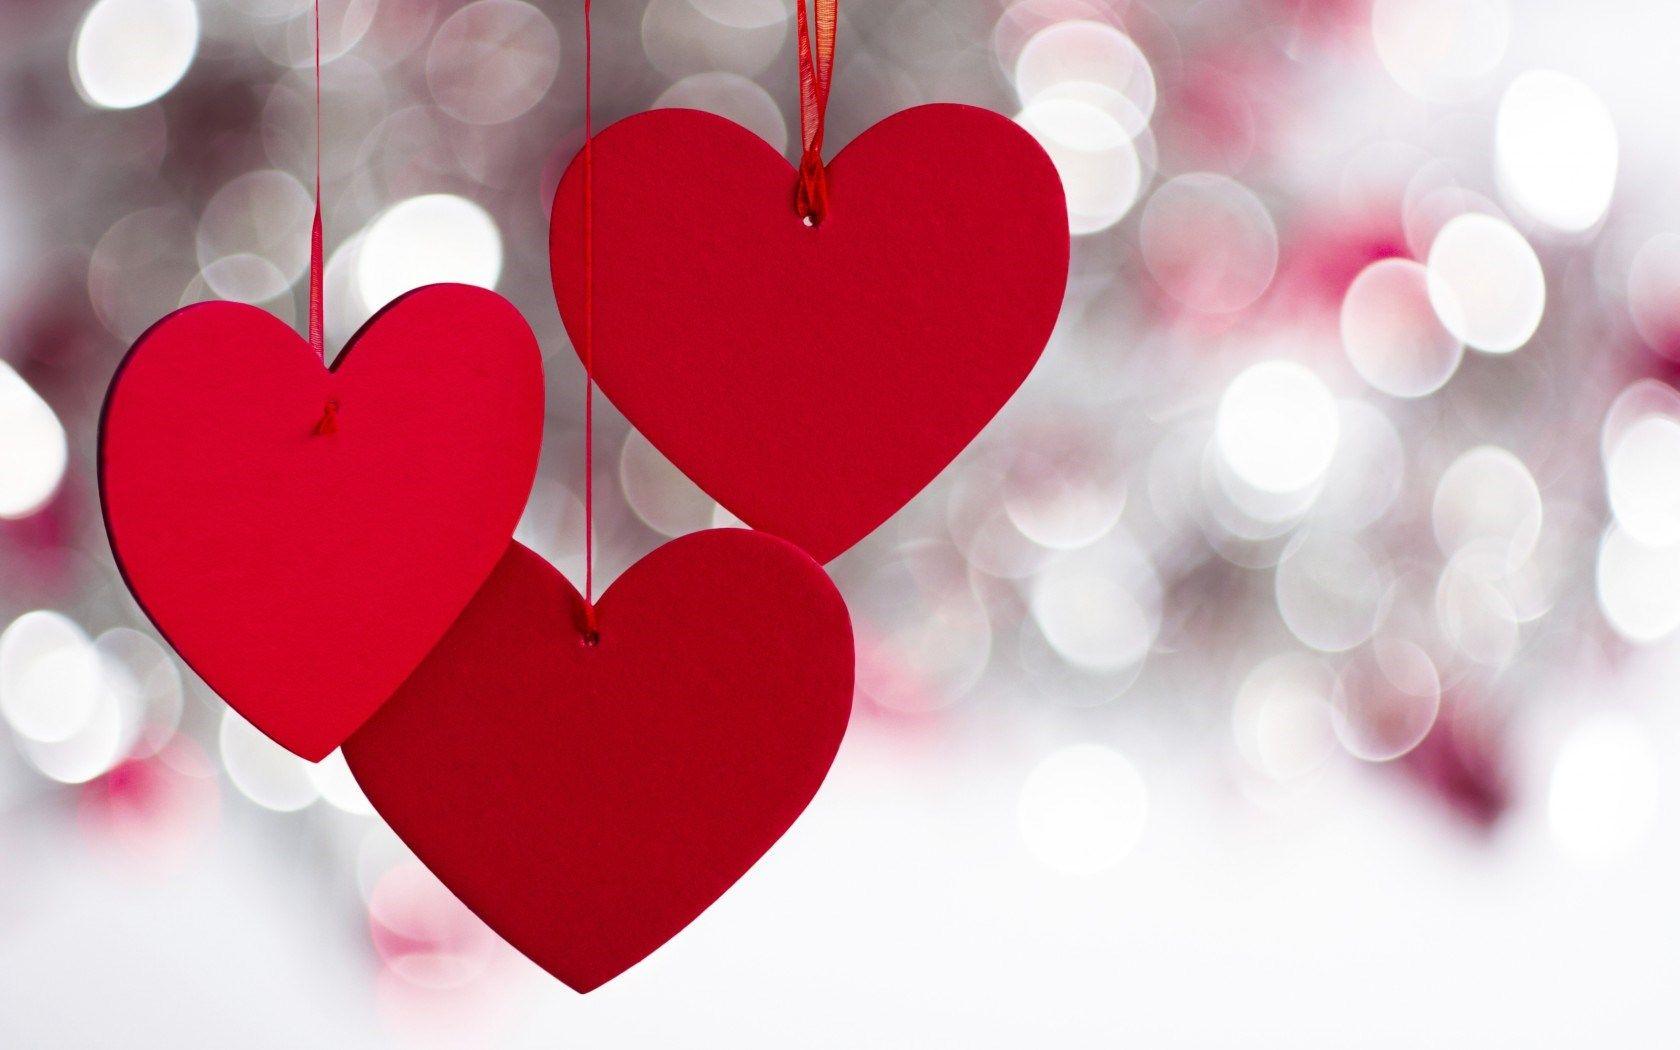 Heart Wallpaper 13 Heart Wallpaper Pinterest Heart Wallpaper